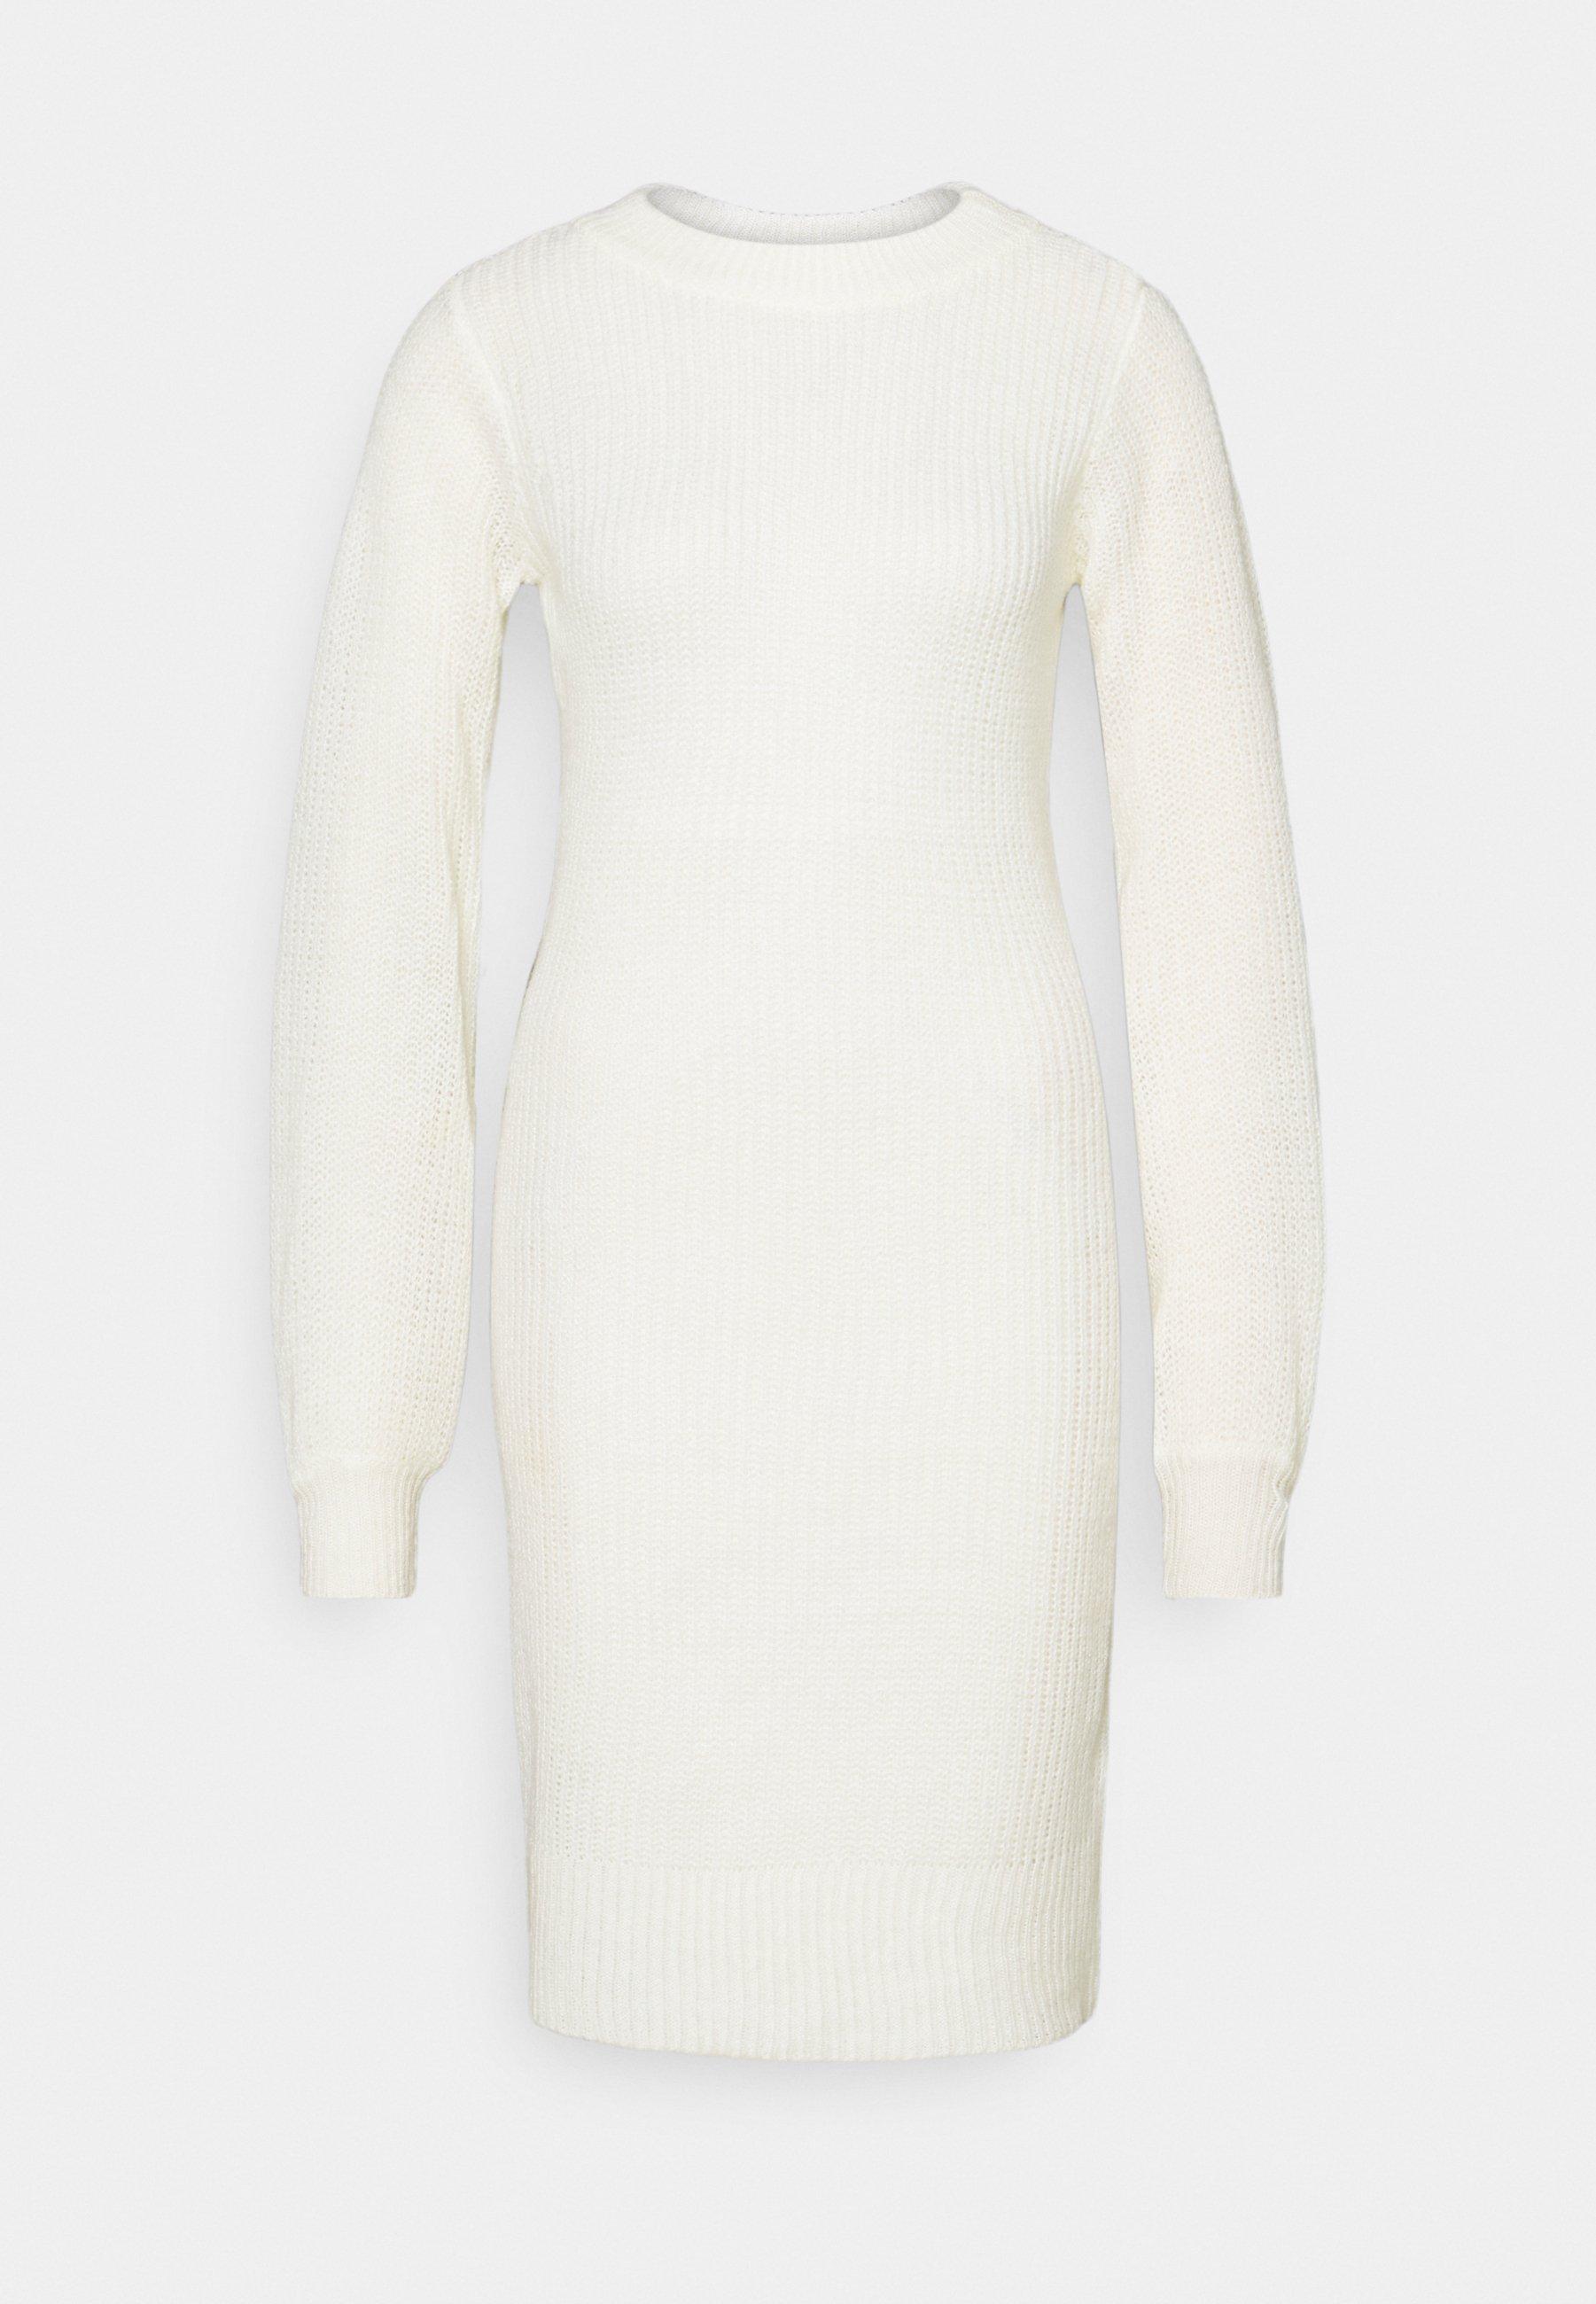 Till dam från VILA, en vit långärmad klänning.